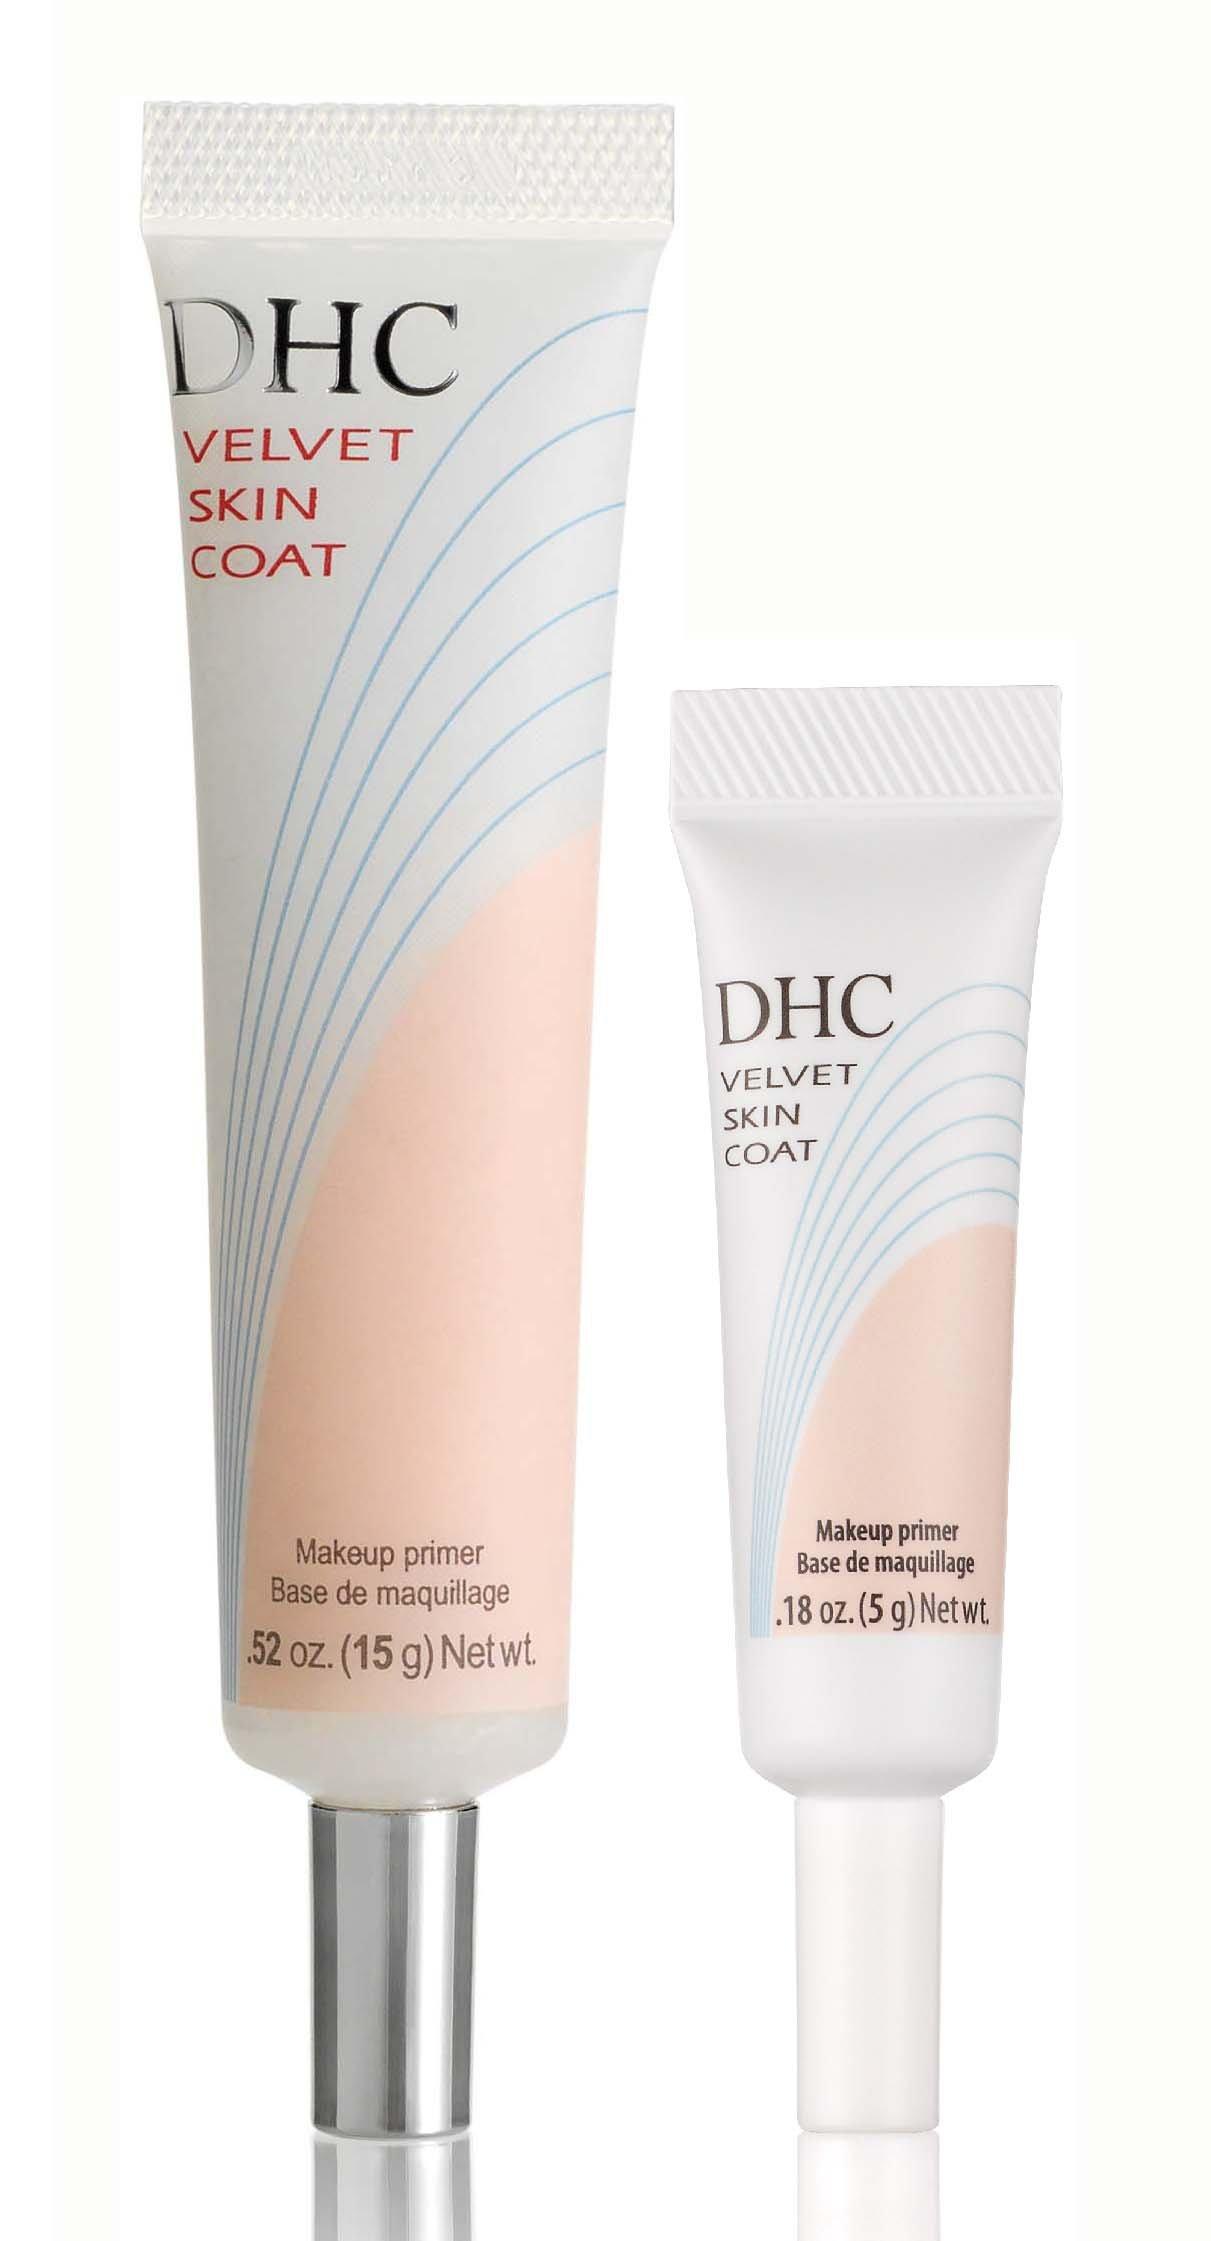 DHC Velvet Skin Coat, 0.52 oz. Net wt. & Velvet Skin Coat Travel Size, 0.18 oz. Net wt.